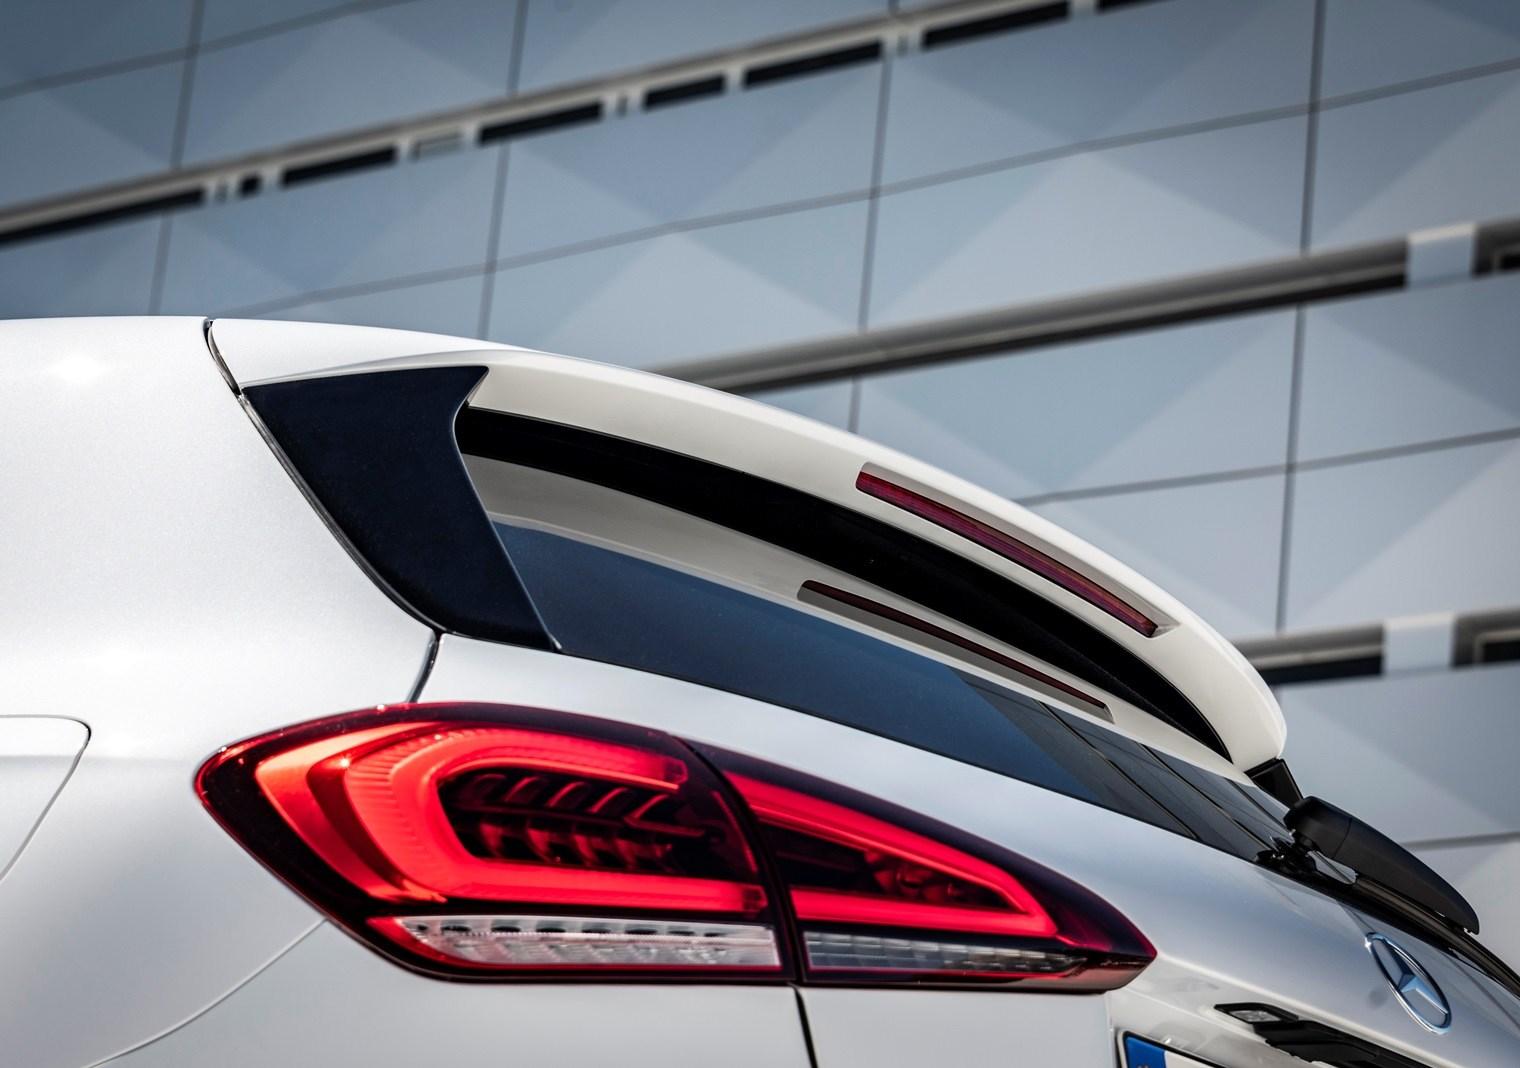 Η παρουσίαση της 4ης  γενιάς της Mercedes-Benz A-Class στο Τροκαντερό